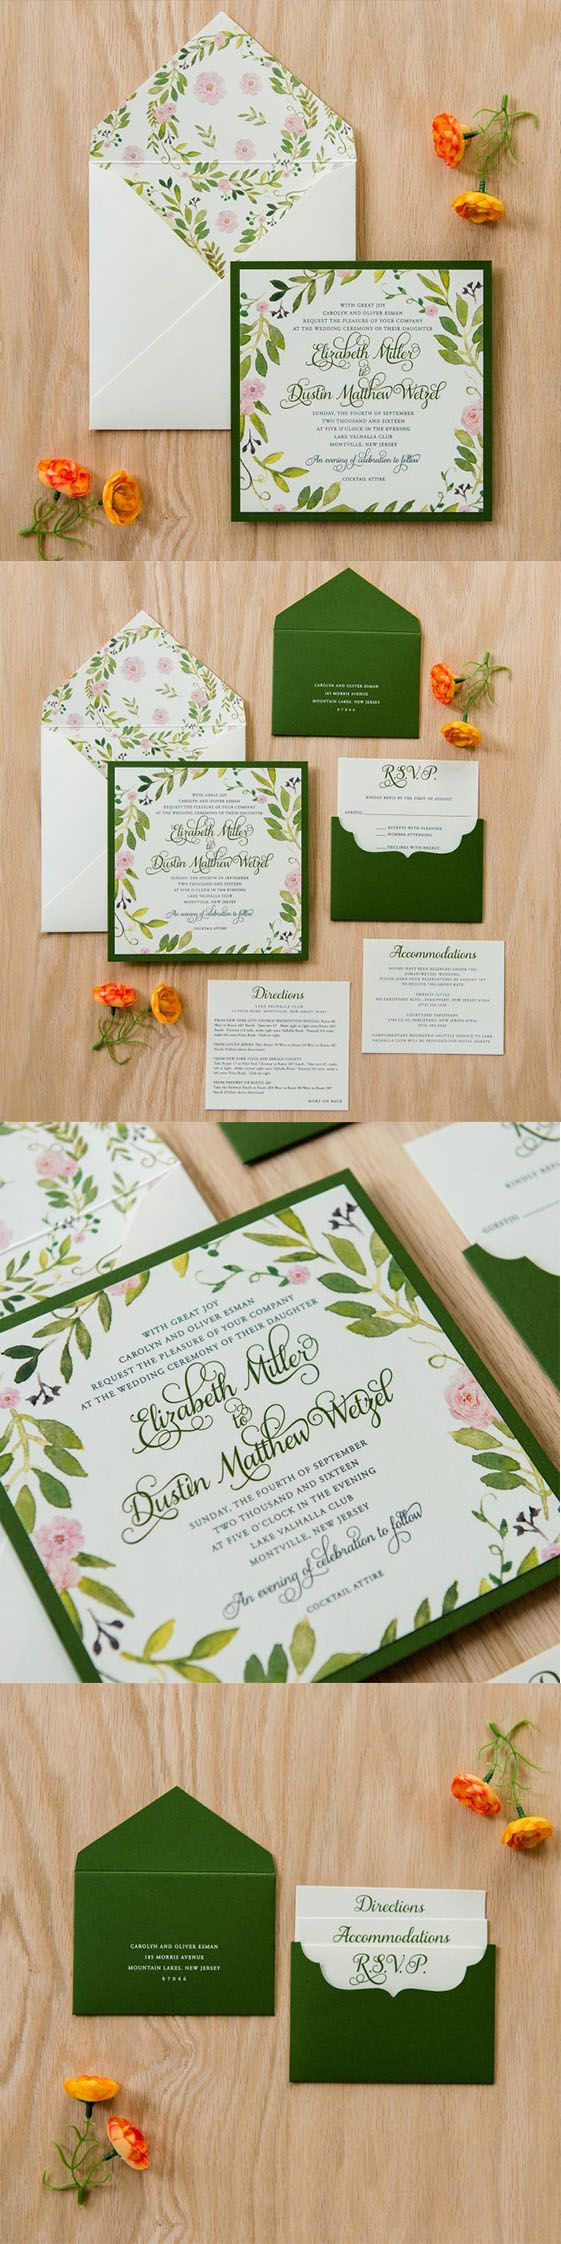 Undangan Pernikahan Watercolor Cat Air Undangan Pernikahan